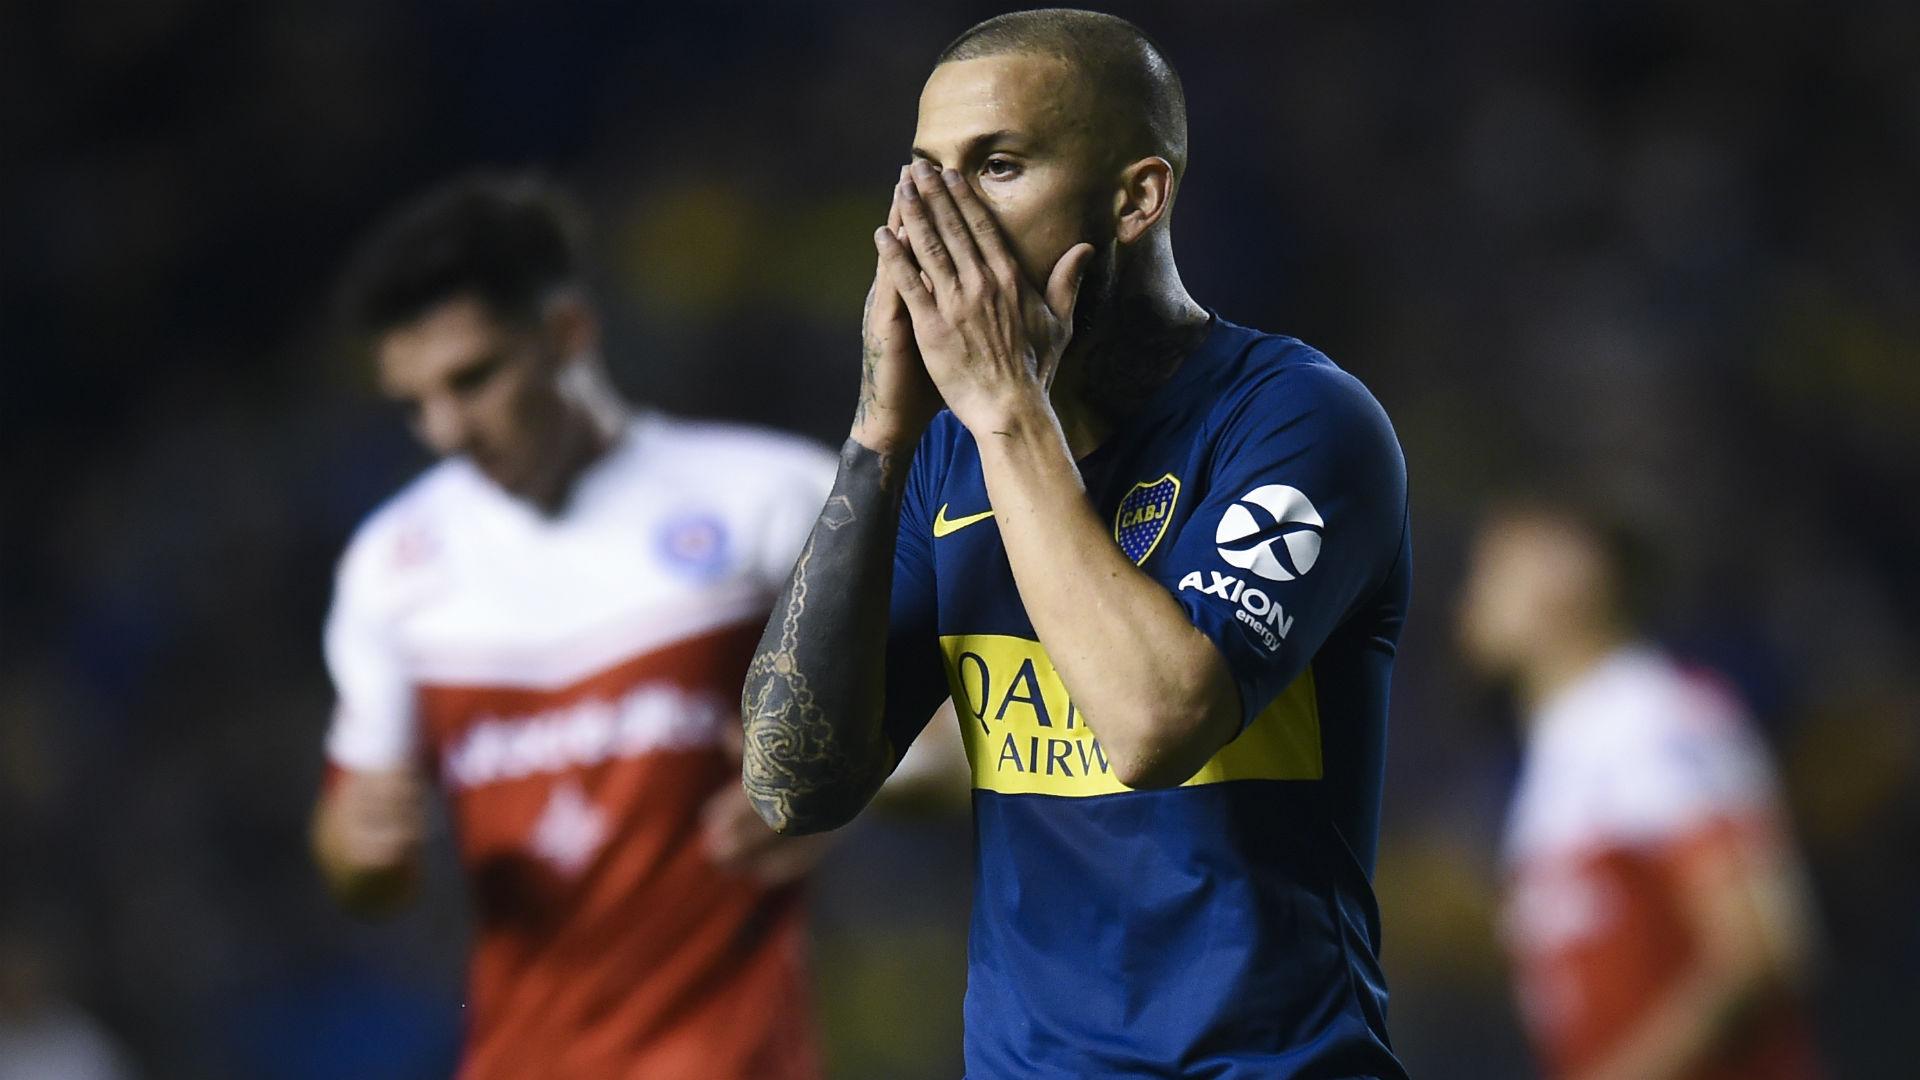 Un attaquant de Boca Juniors dans le viseur — OM